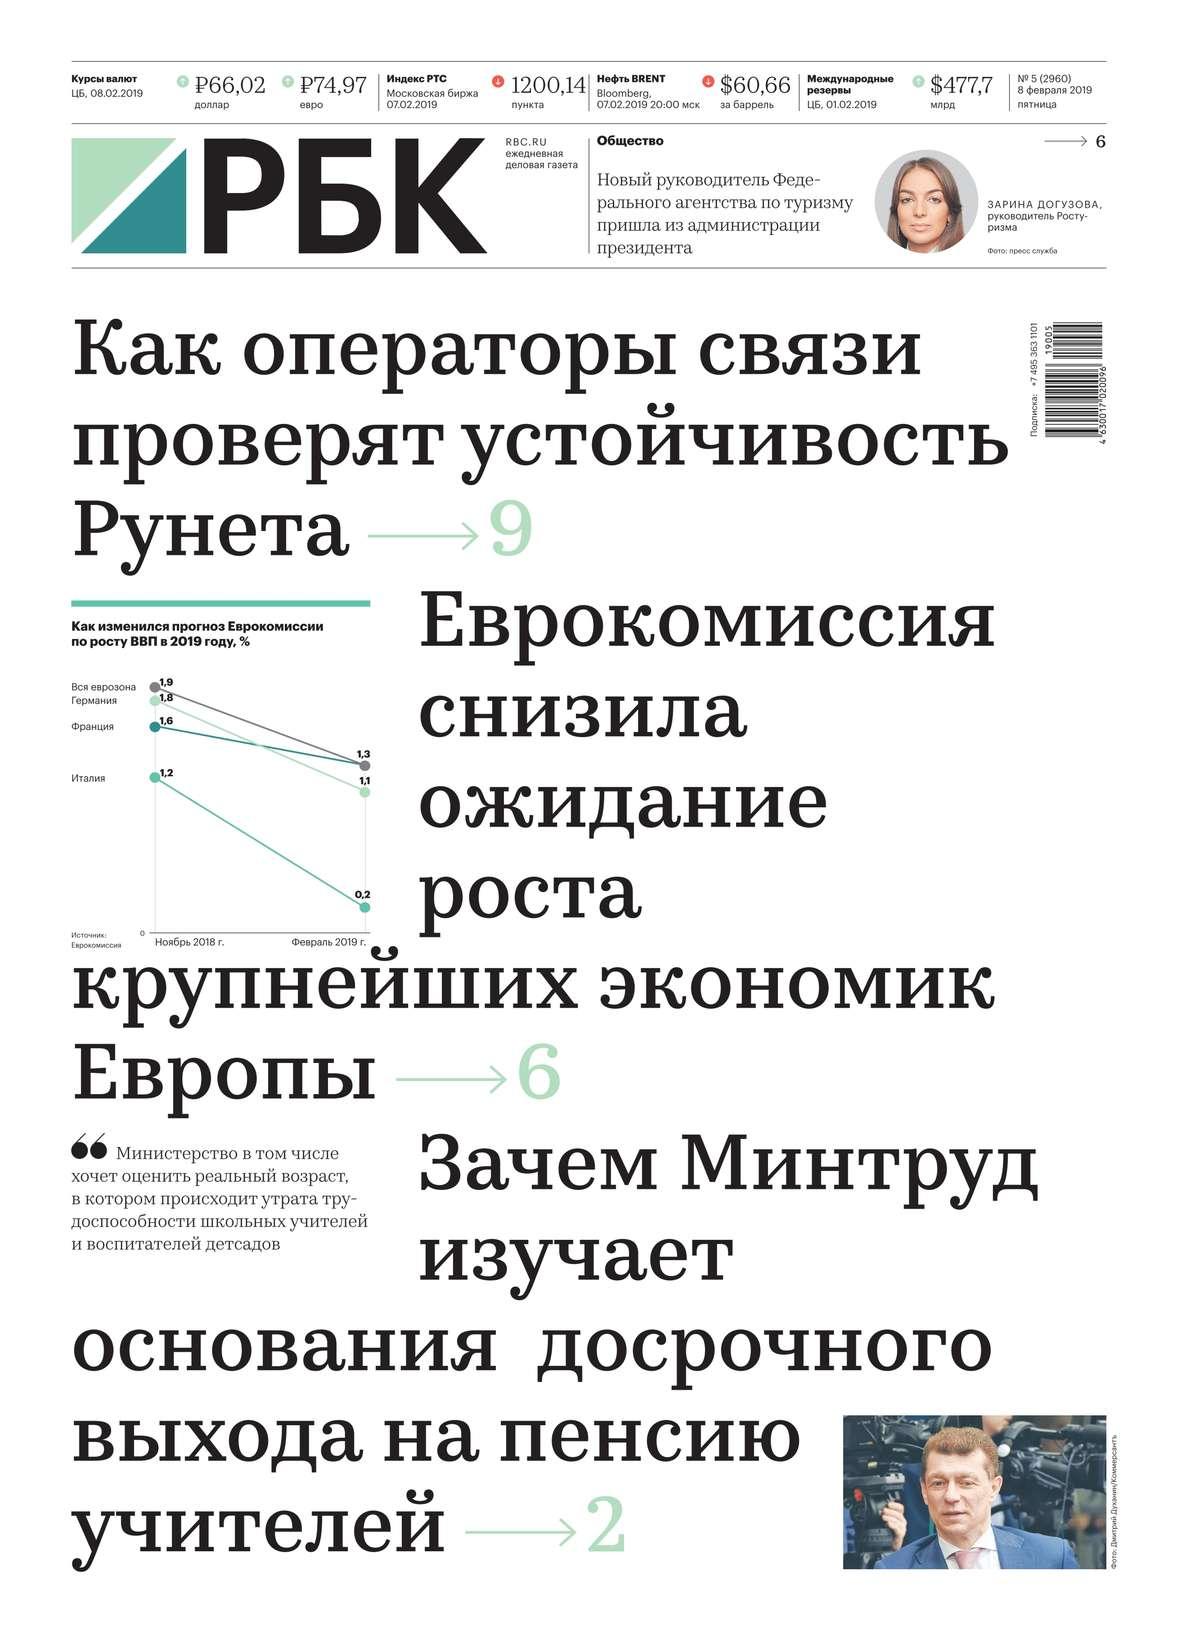 Ежедневная Деловая Газета Рбк 05-2019